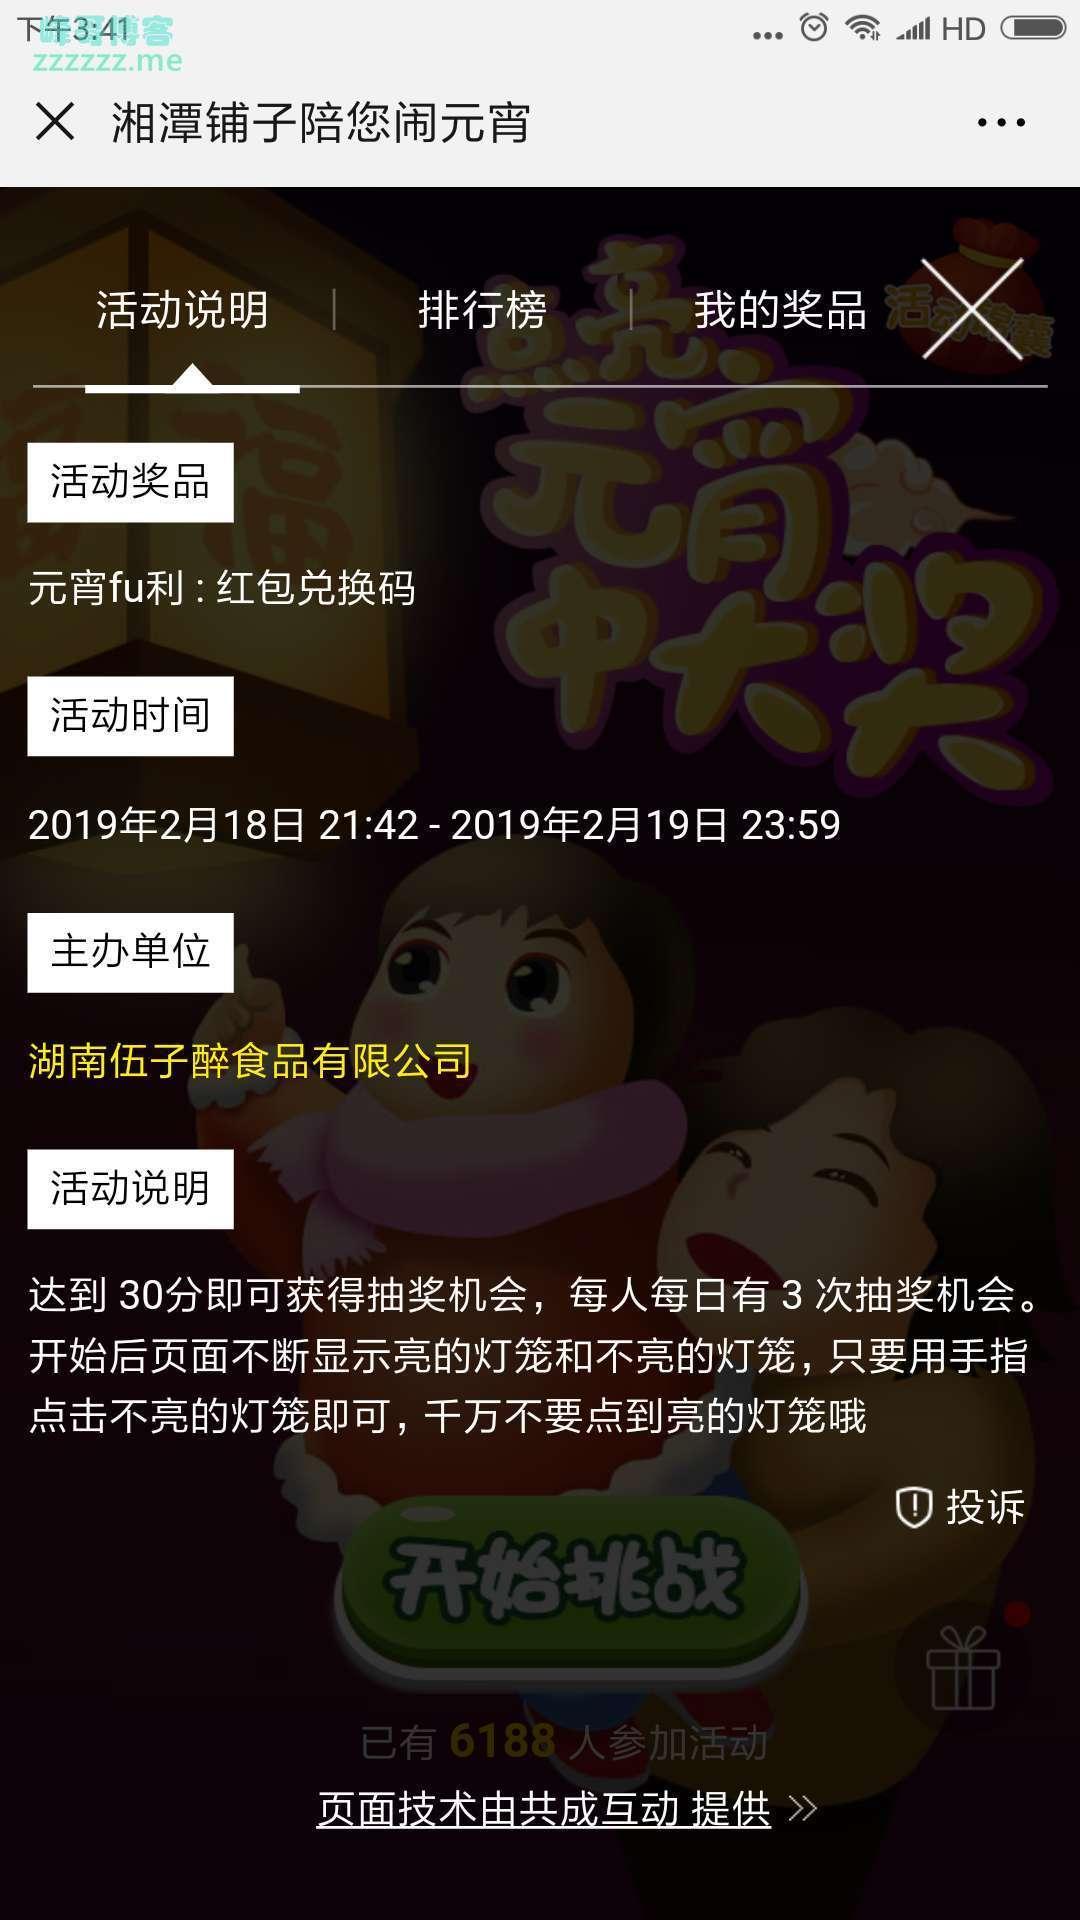 <湖南伍子醉食品有限公司>喜乐元宵 普天同庆(截止2月19日)